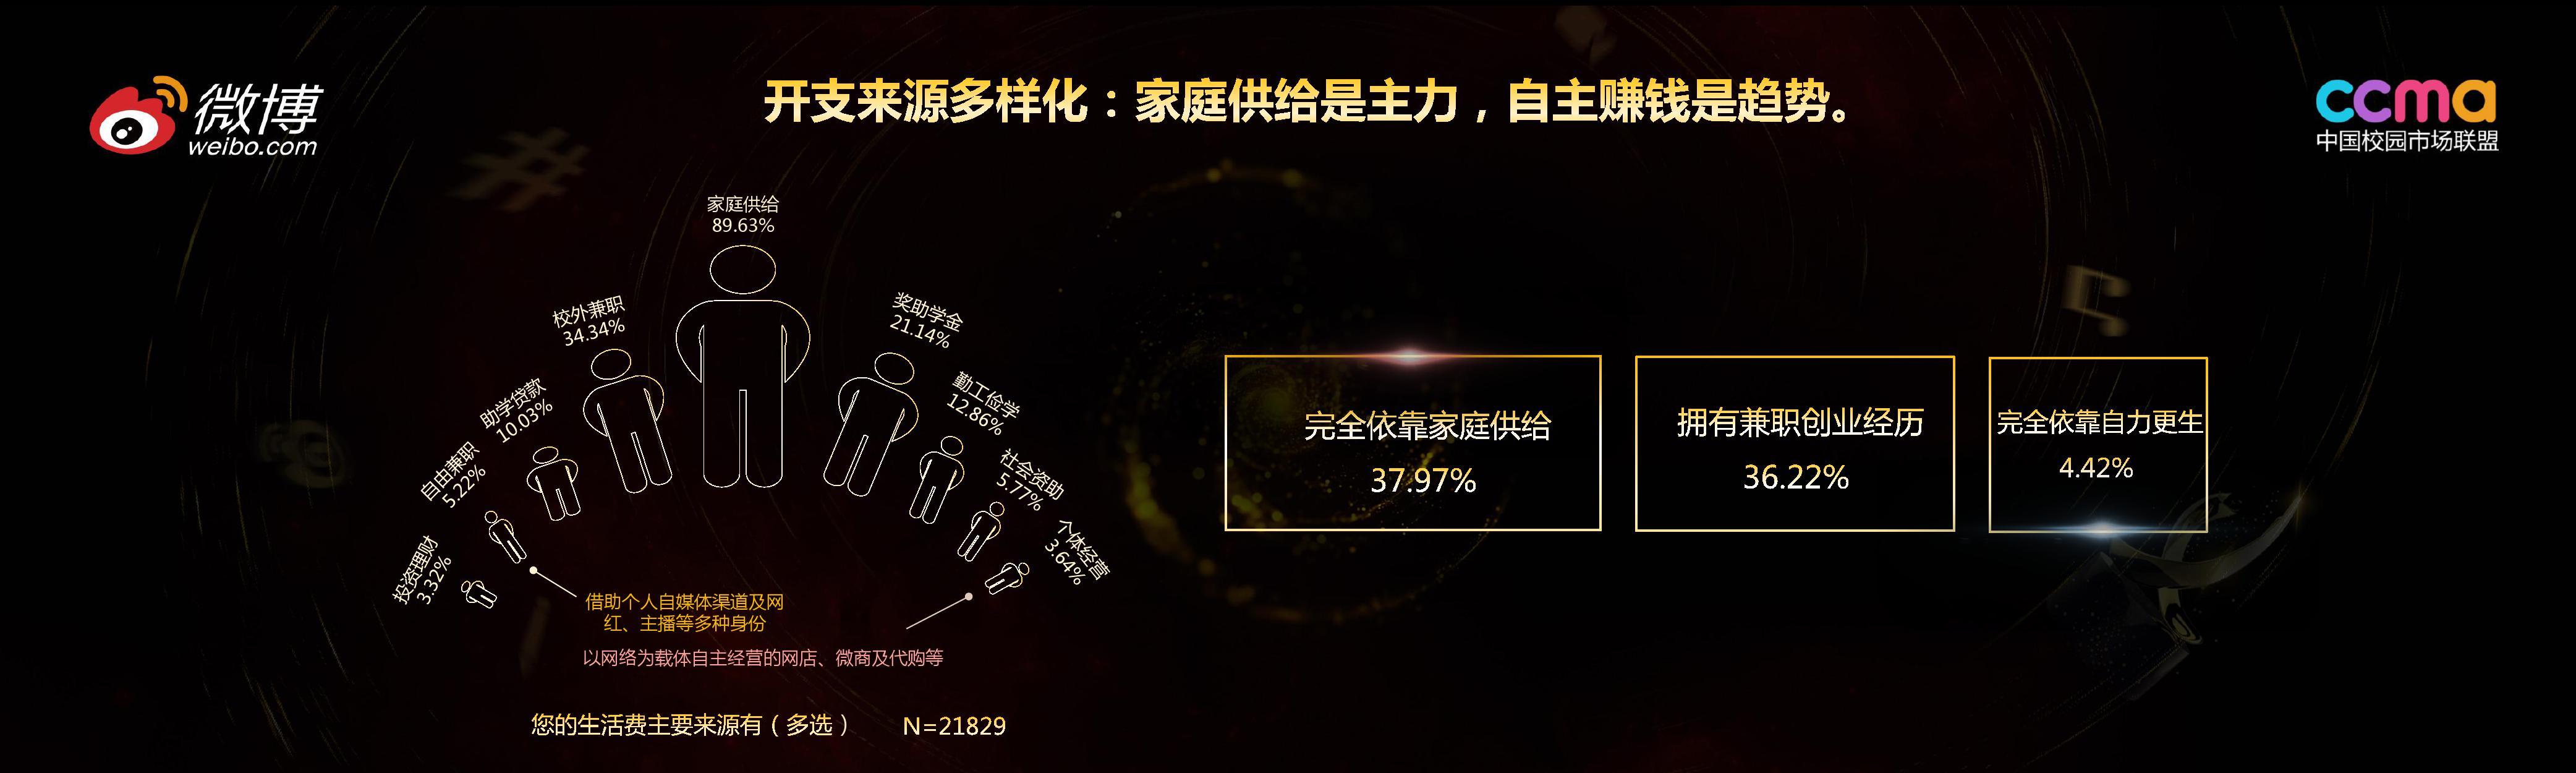 华东政法大学:2018中国大学生网络生态和消费行为报告